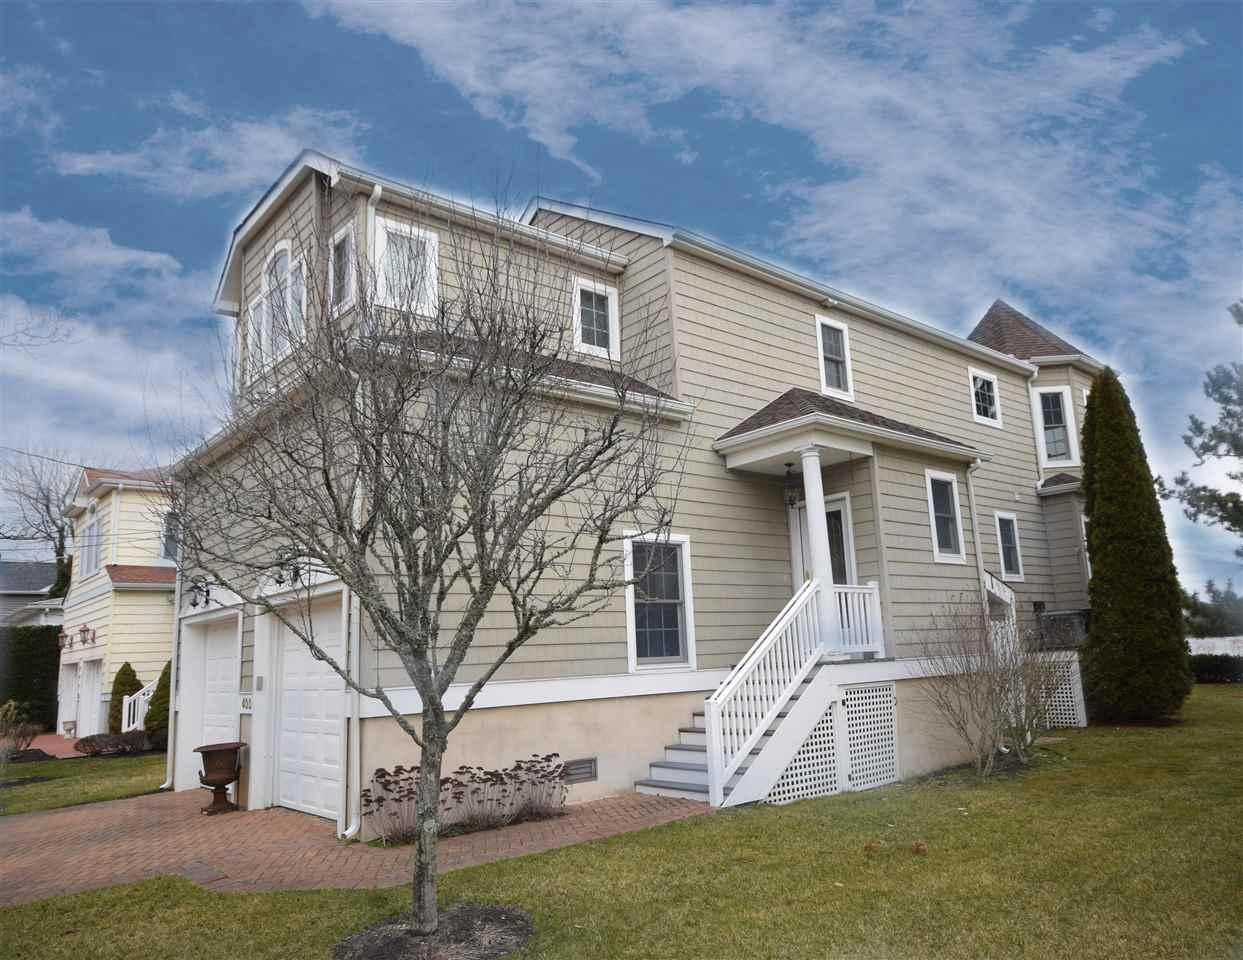 403 Cambridge, Cape May Point, NJ 08212